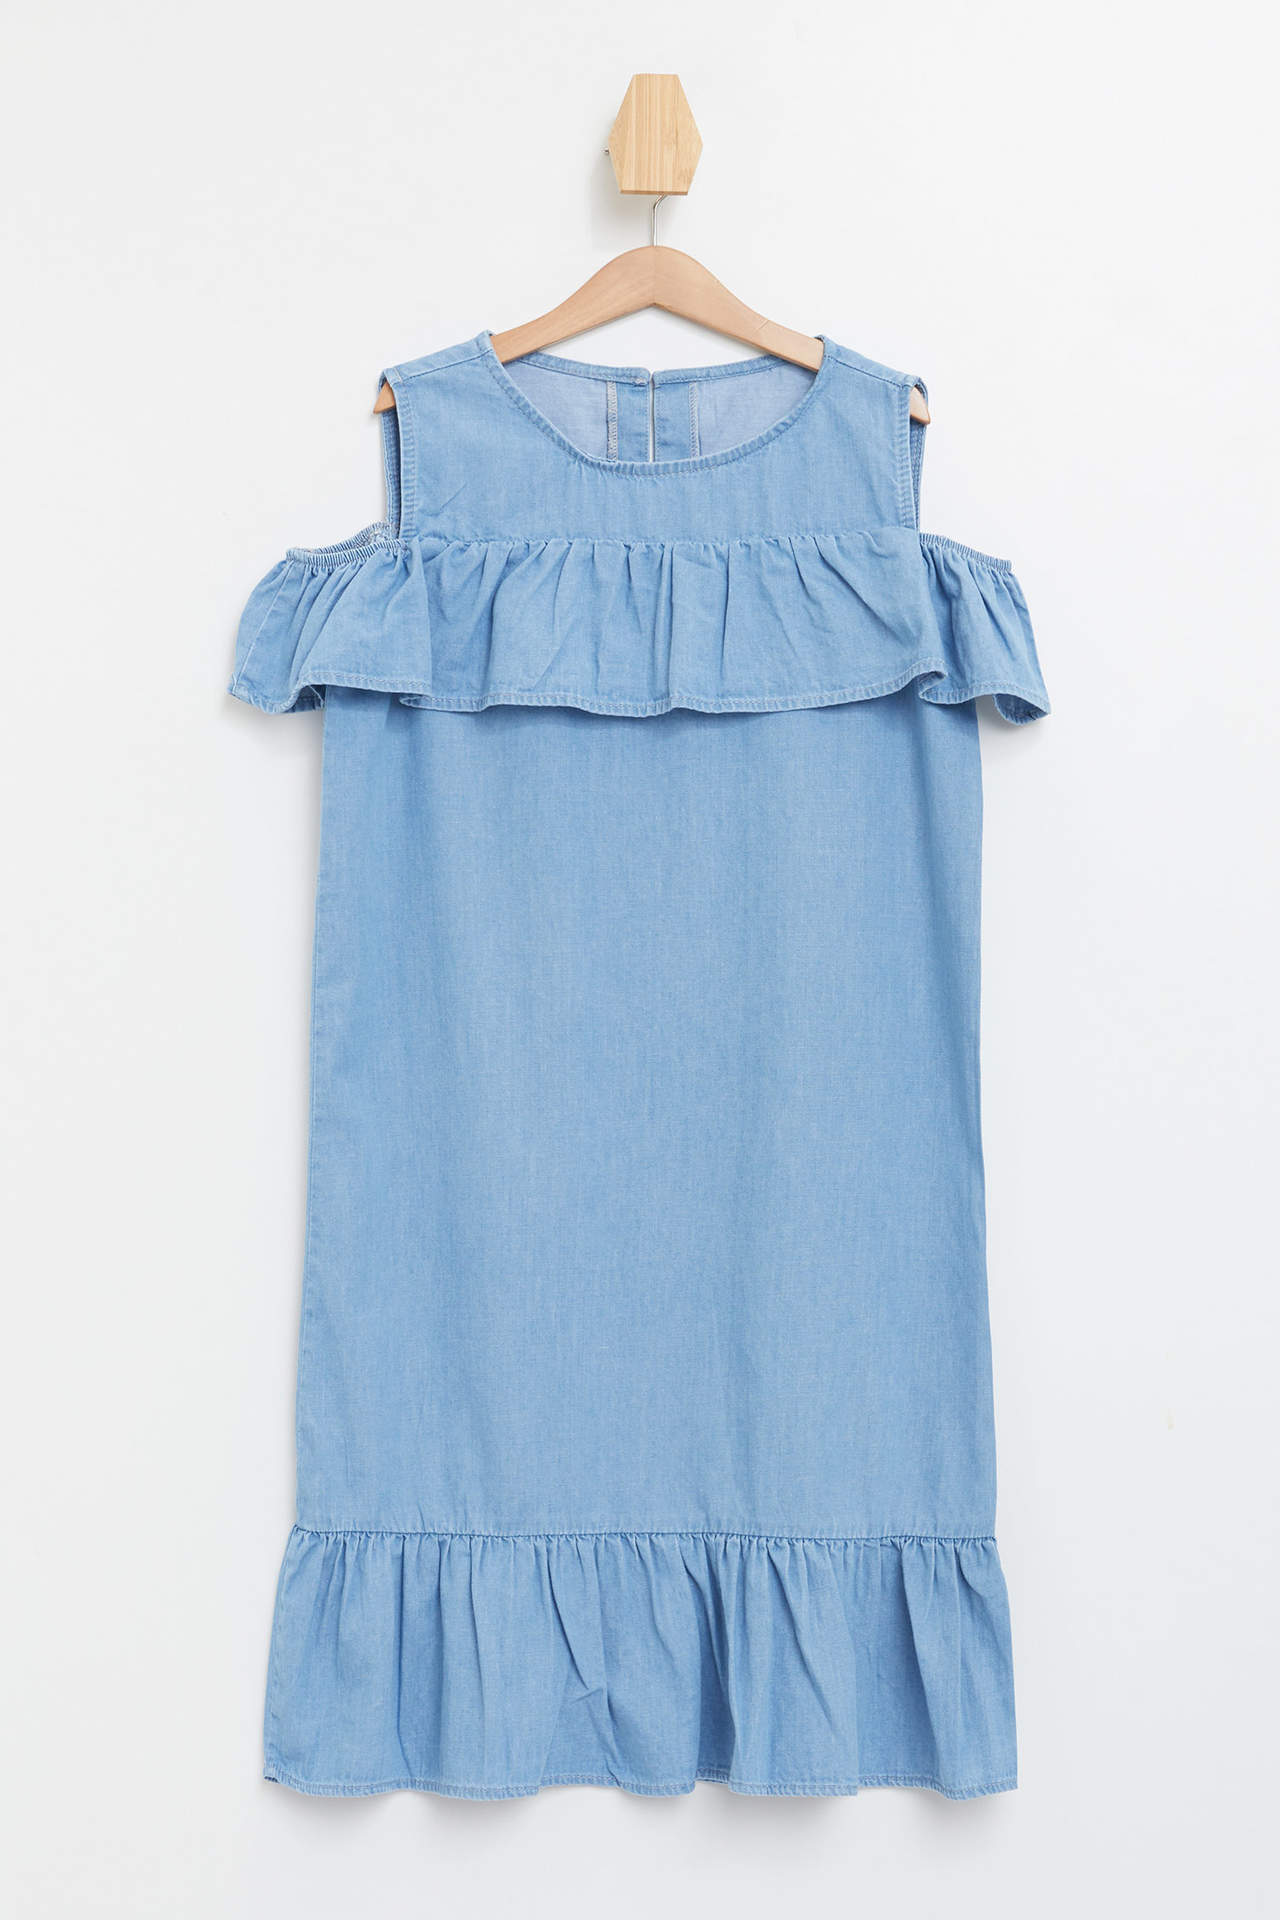 DeFacto Kız Çocuk Fırfır Detaylı Kolsuz Jean Elbise Mavi female